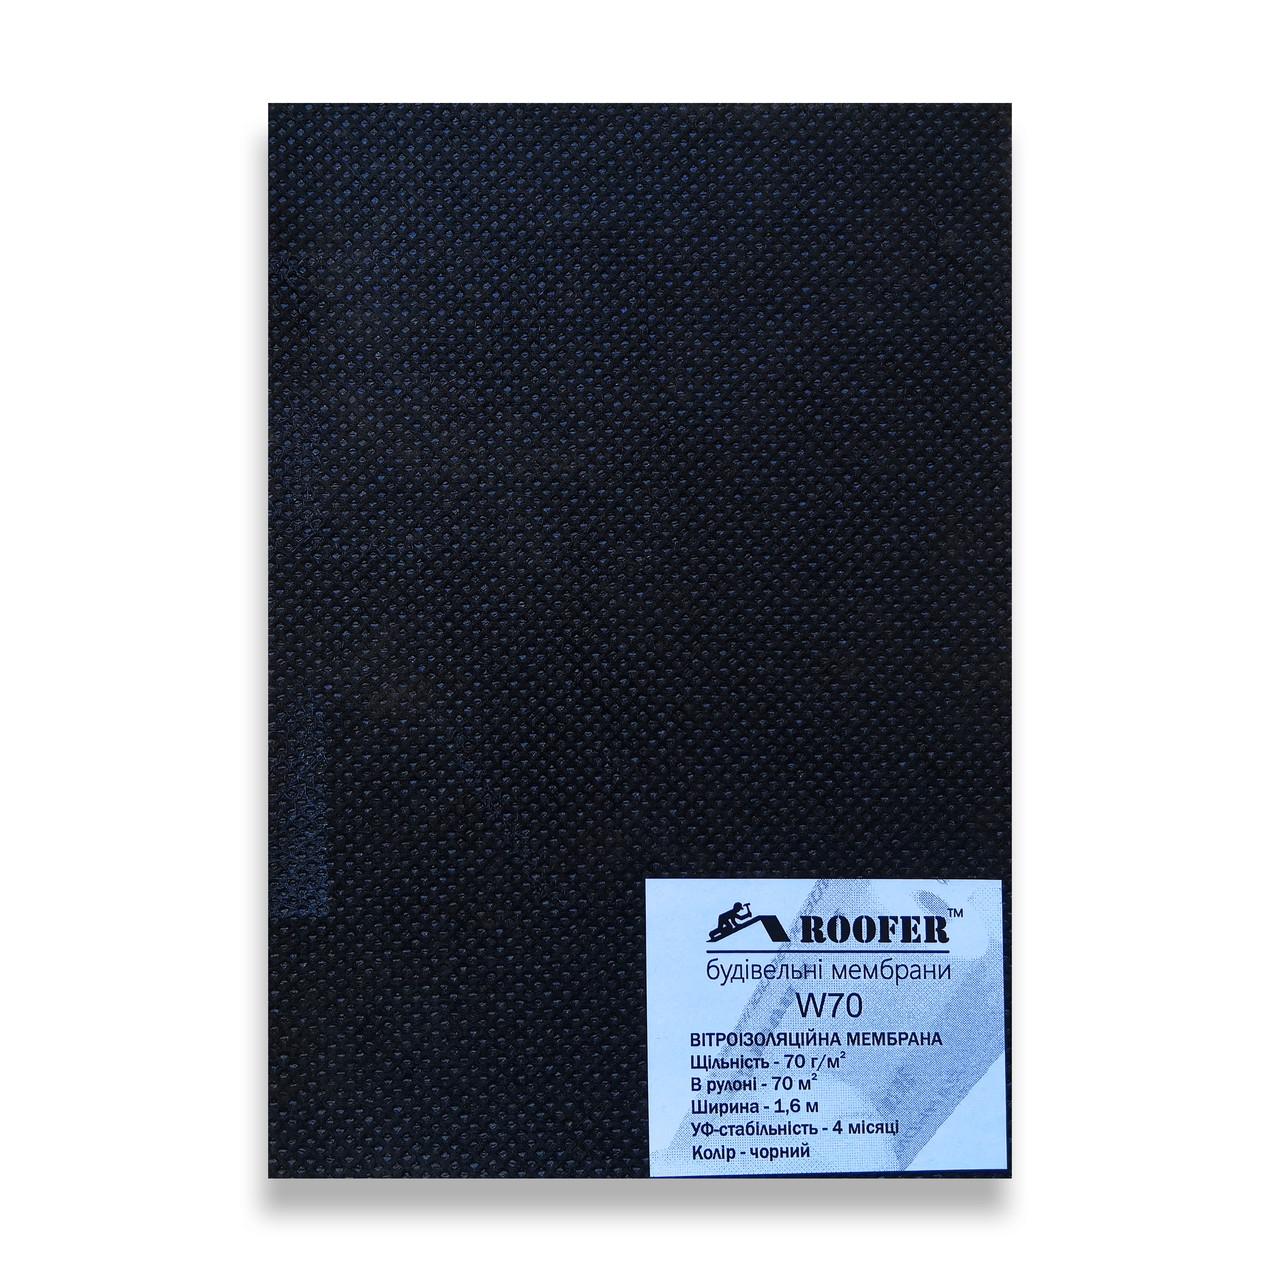 Ветроизоляционная мембрана (70 м²)  70 г/м² (черная) Roofer W70